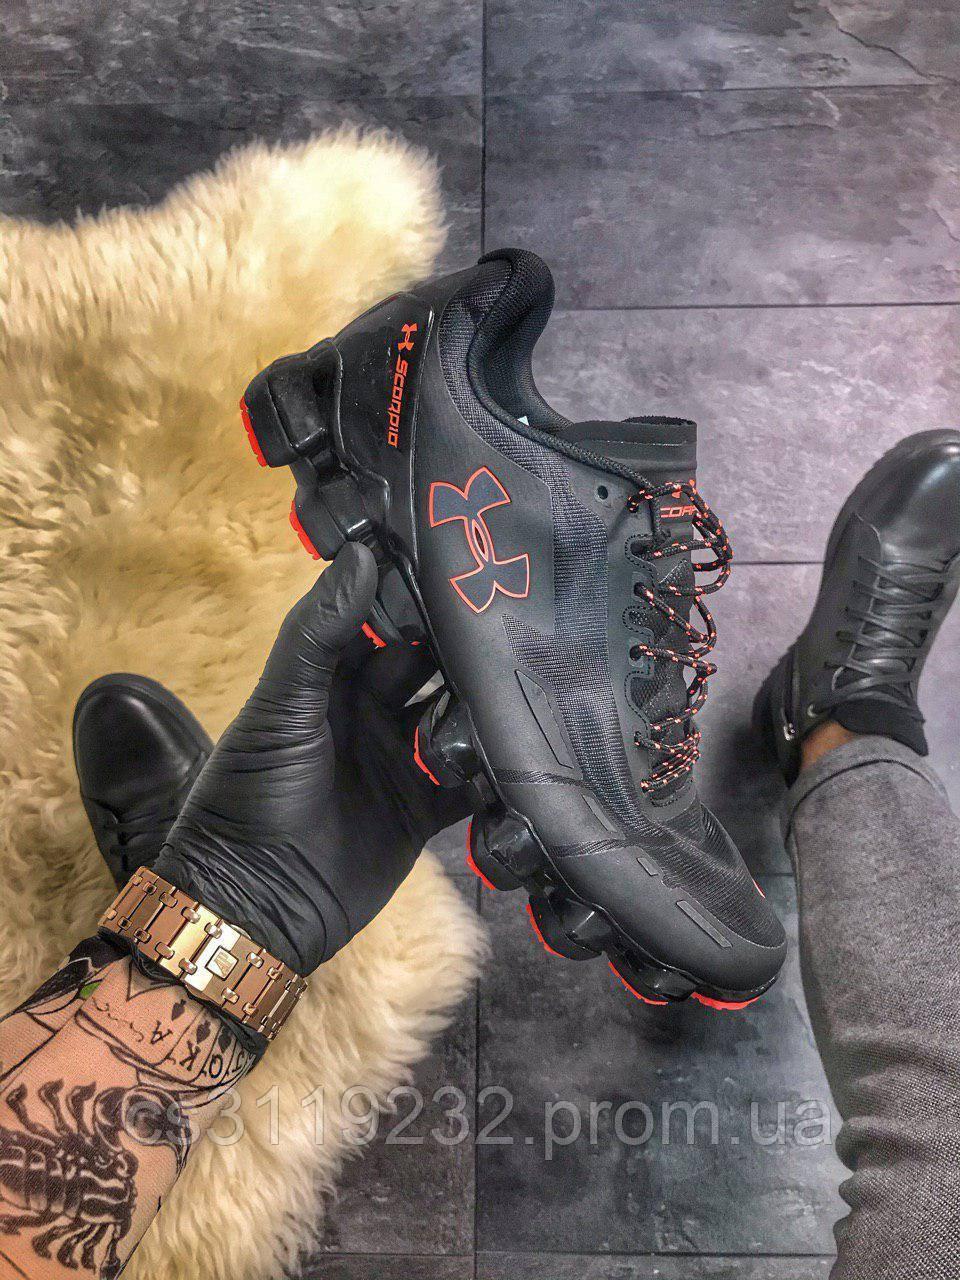 Чоловічі кросівки Under Armour Scorpio Black orange (чорні)